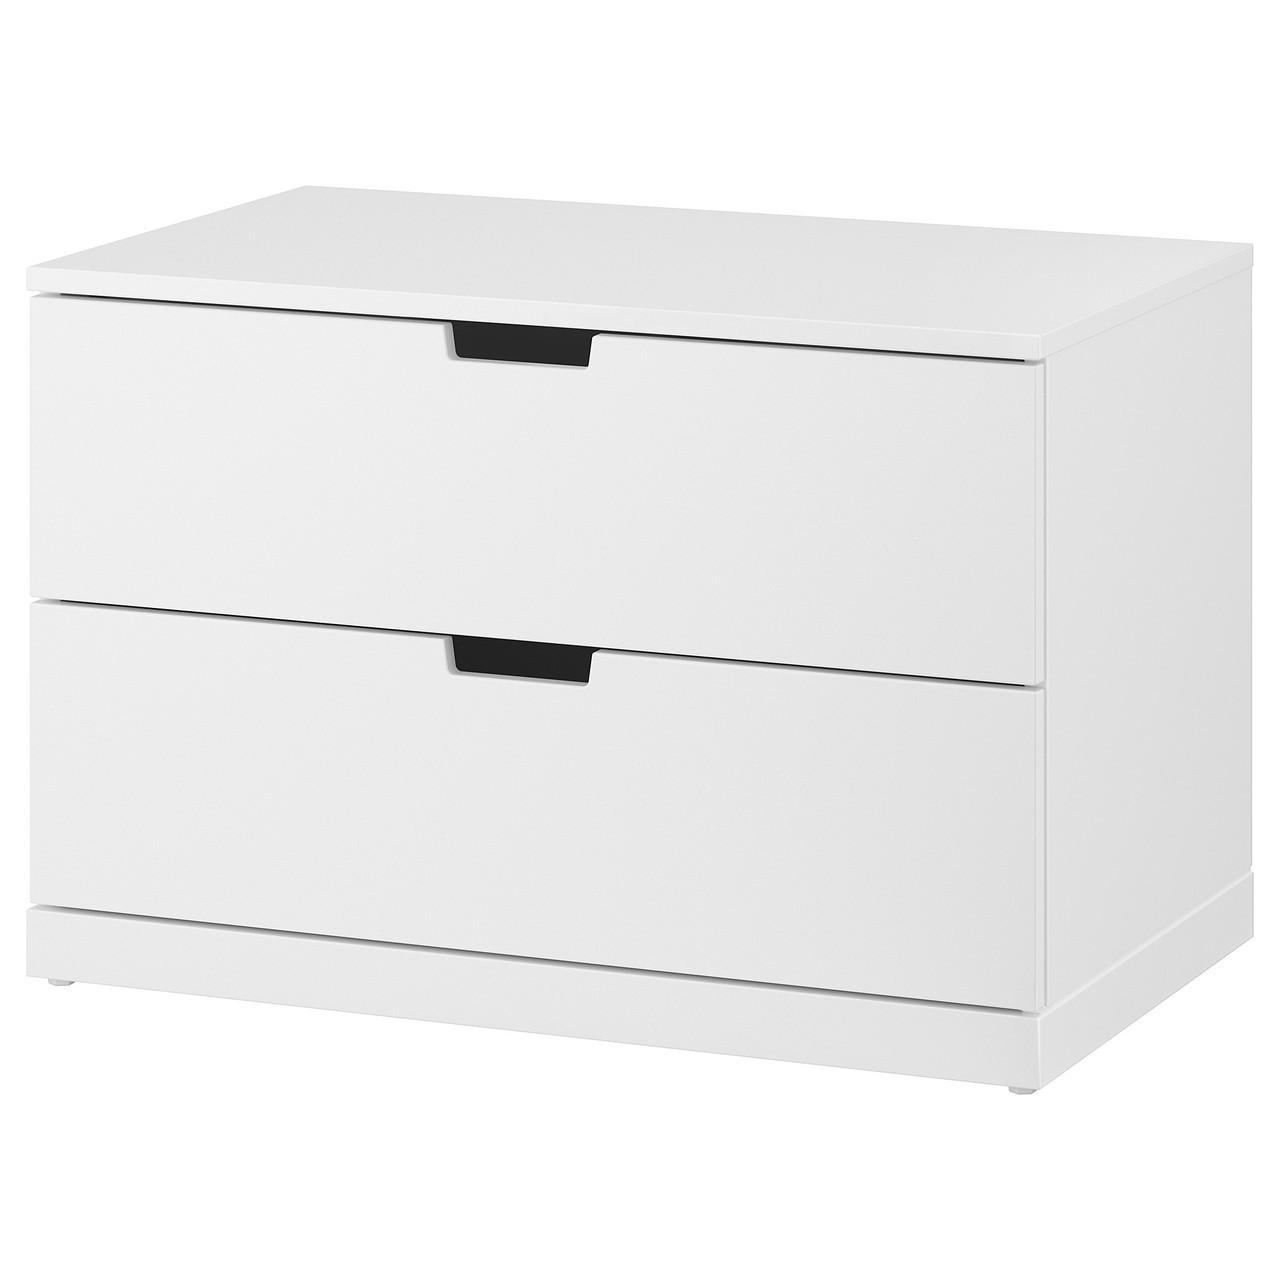 Купить IKEA NORDLI (992.394.94) Комод, 2 ящика, антрацит